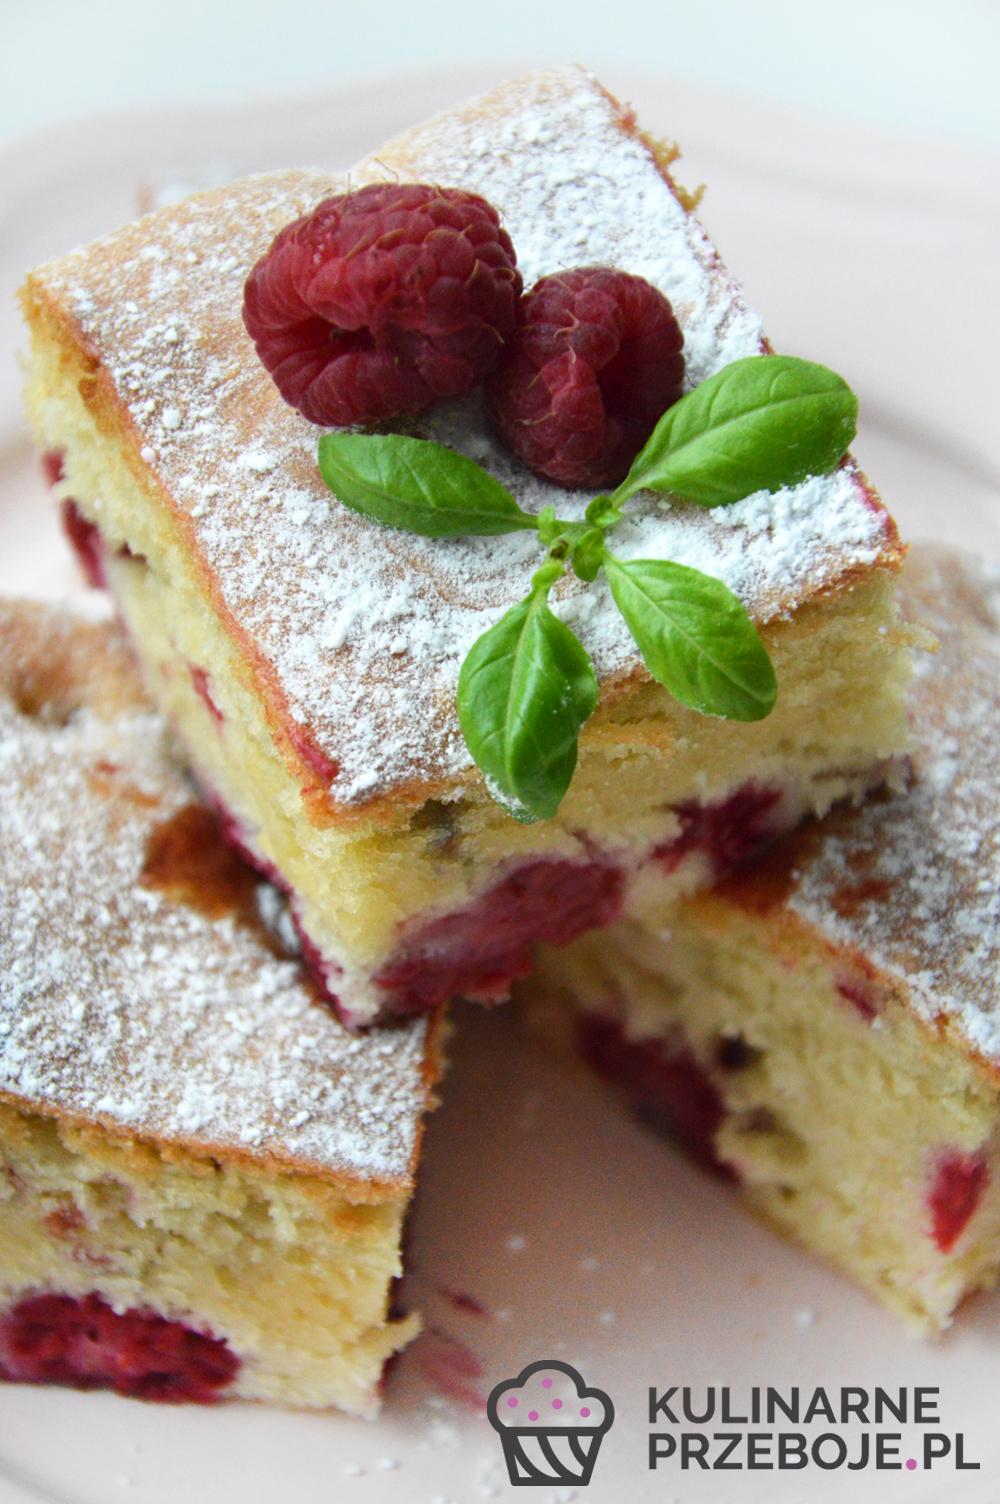 Kawałki pysznego ciasta z malinami na różowym talerzyku